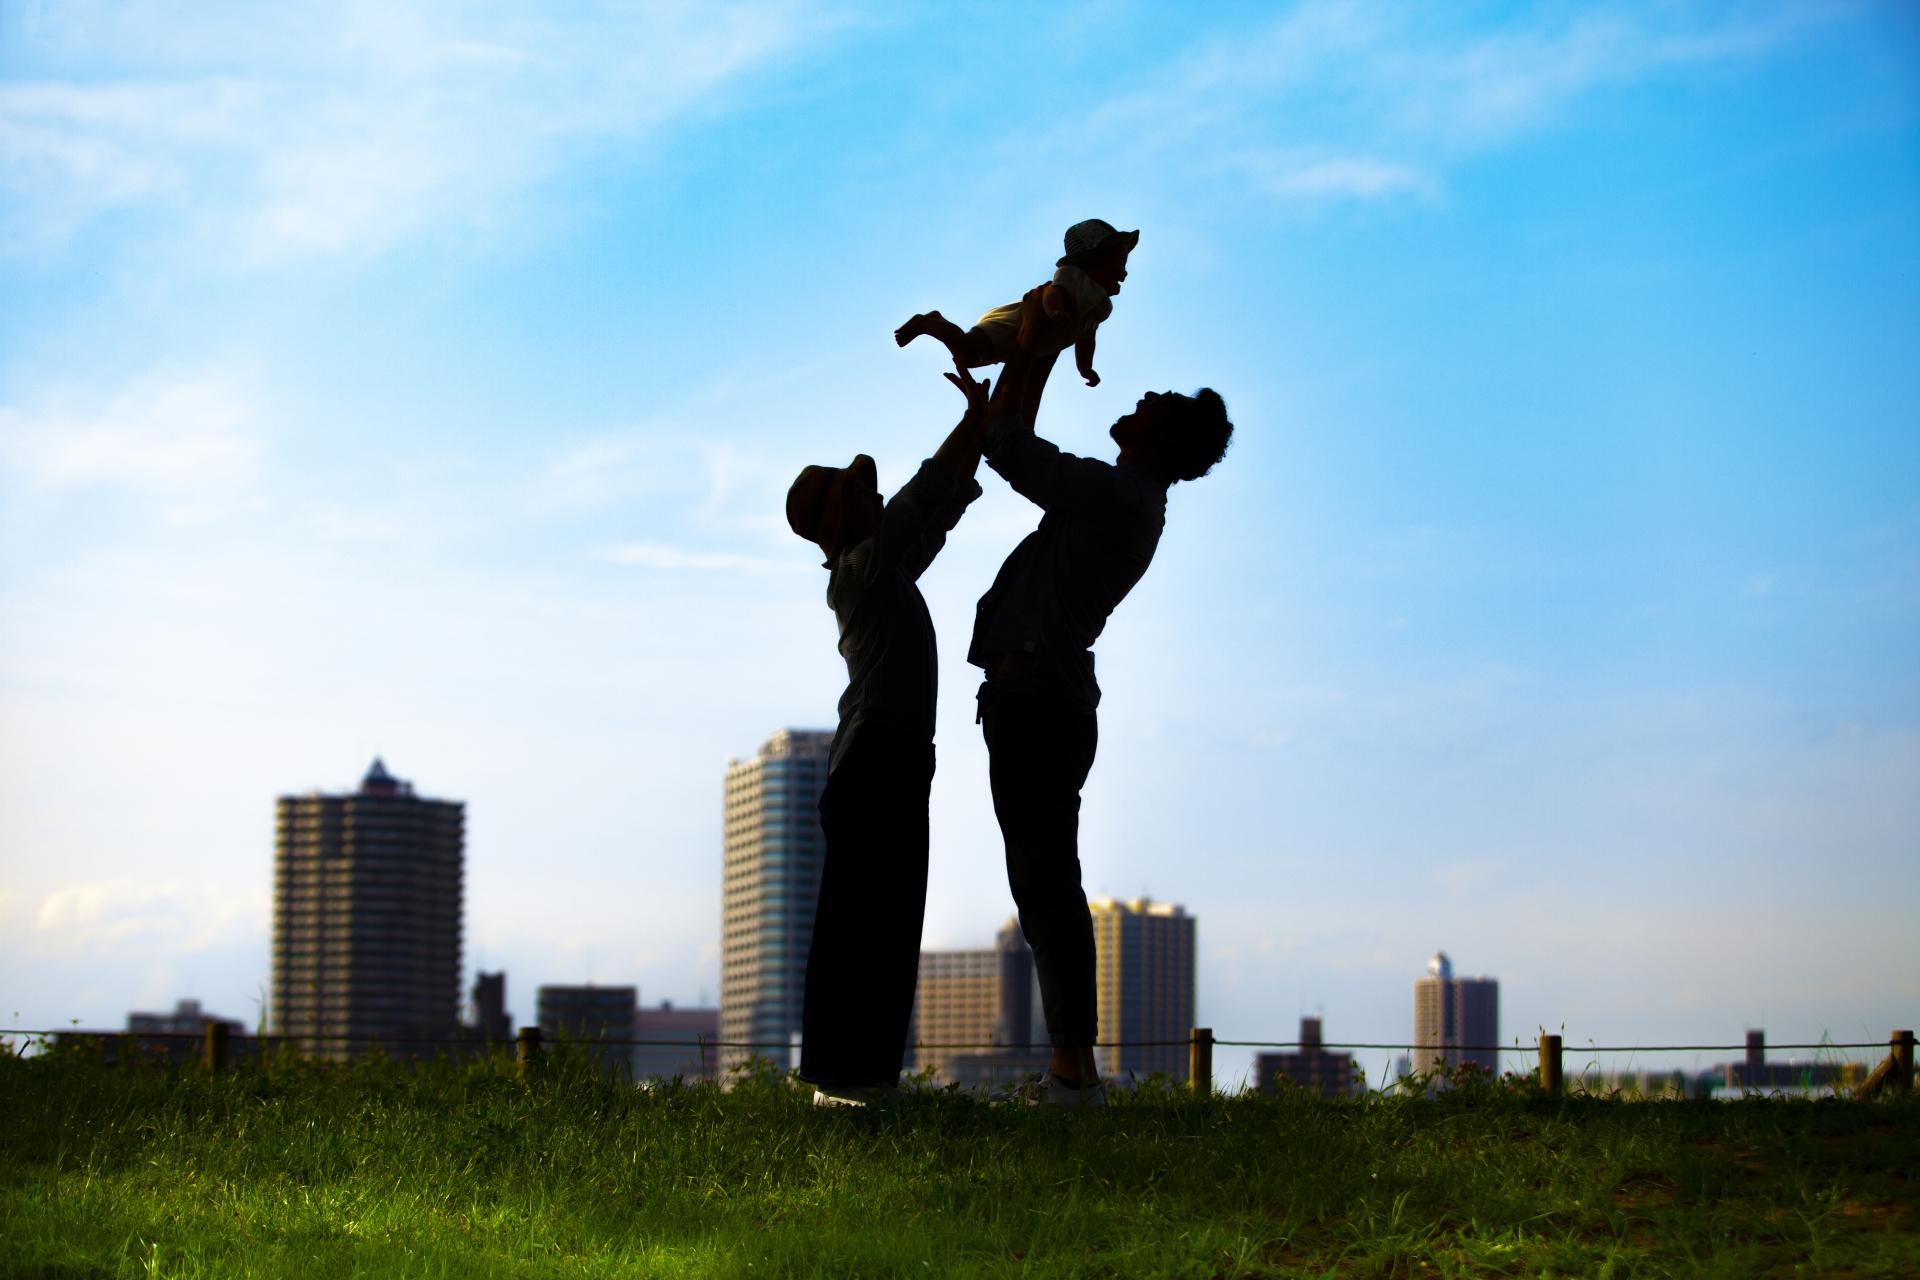 子育て中の母親をイライラさせない父親の言動【対応】